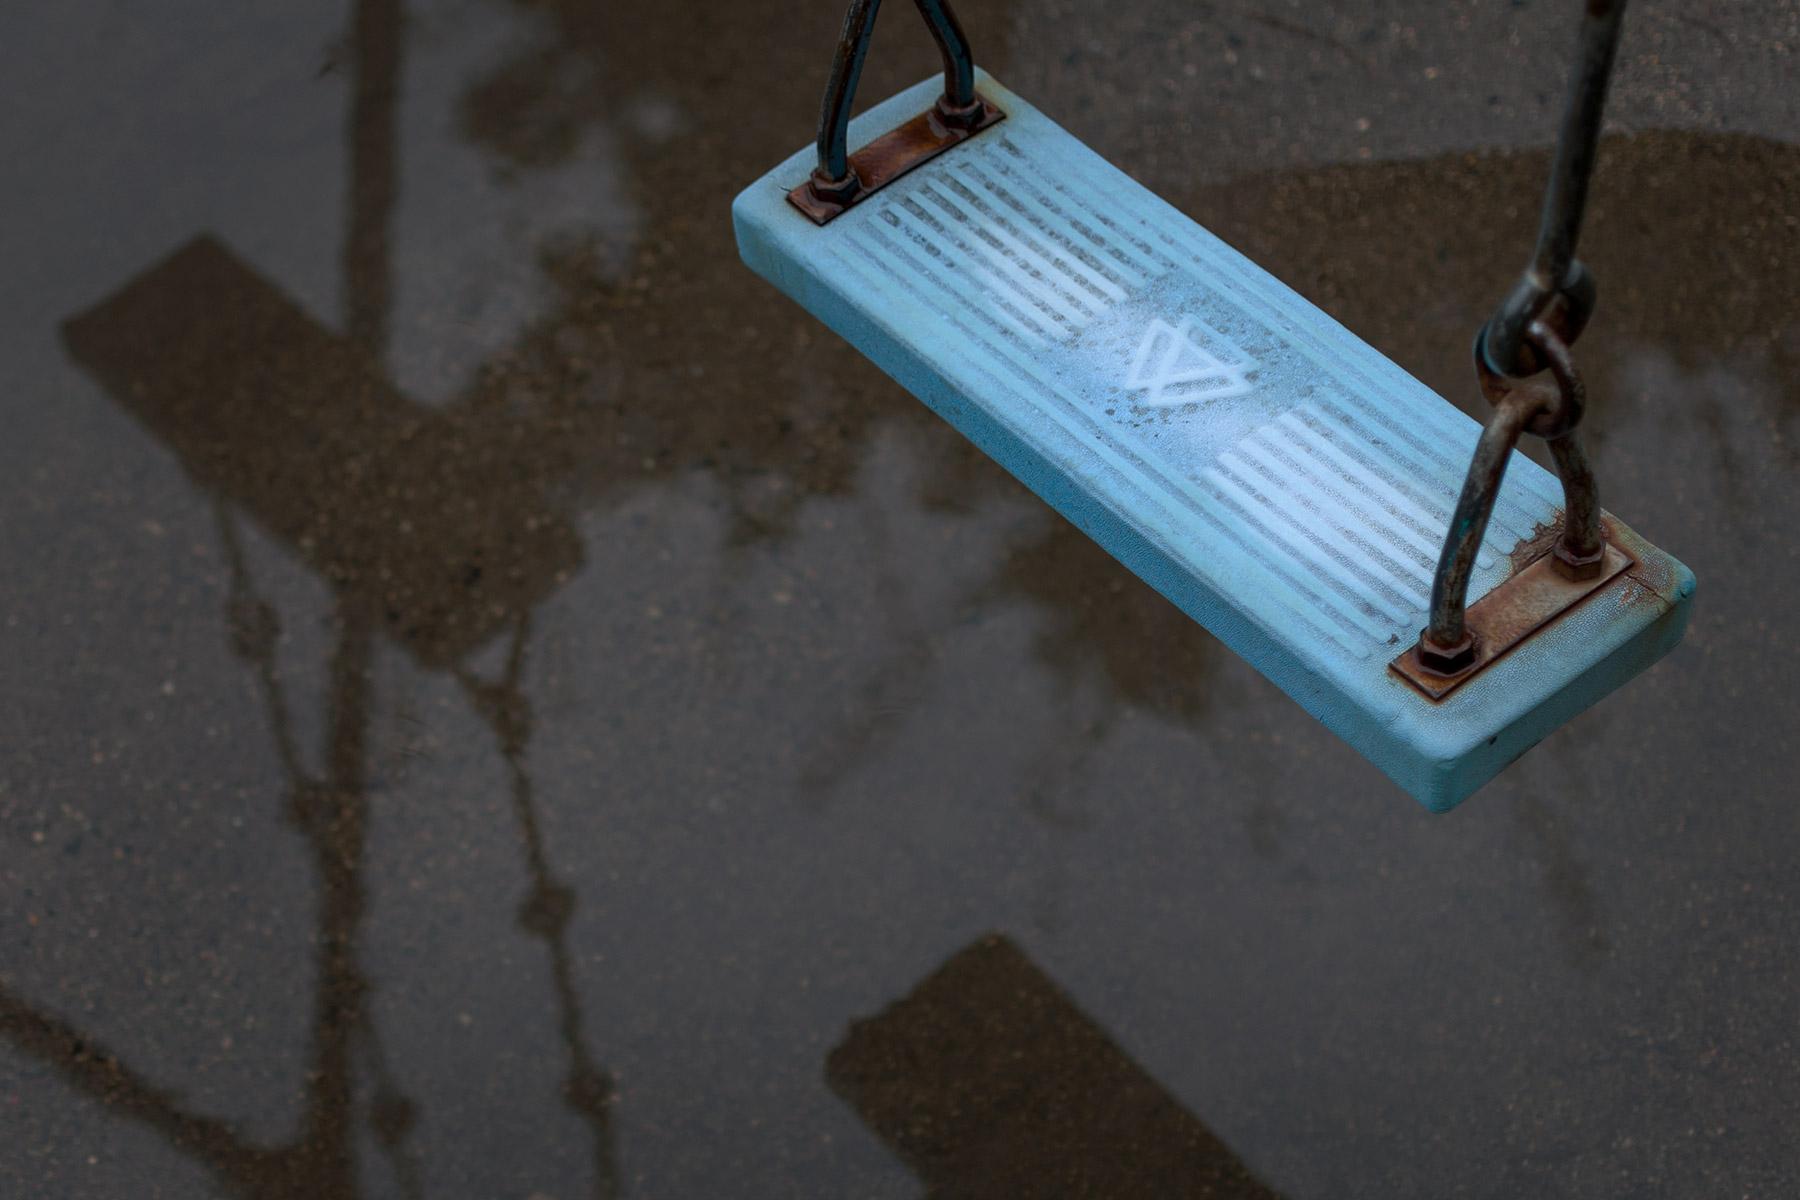 雨上がりの公園 水たまりにポッカリ浮かぶブランコ